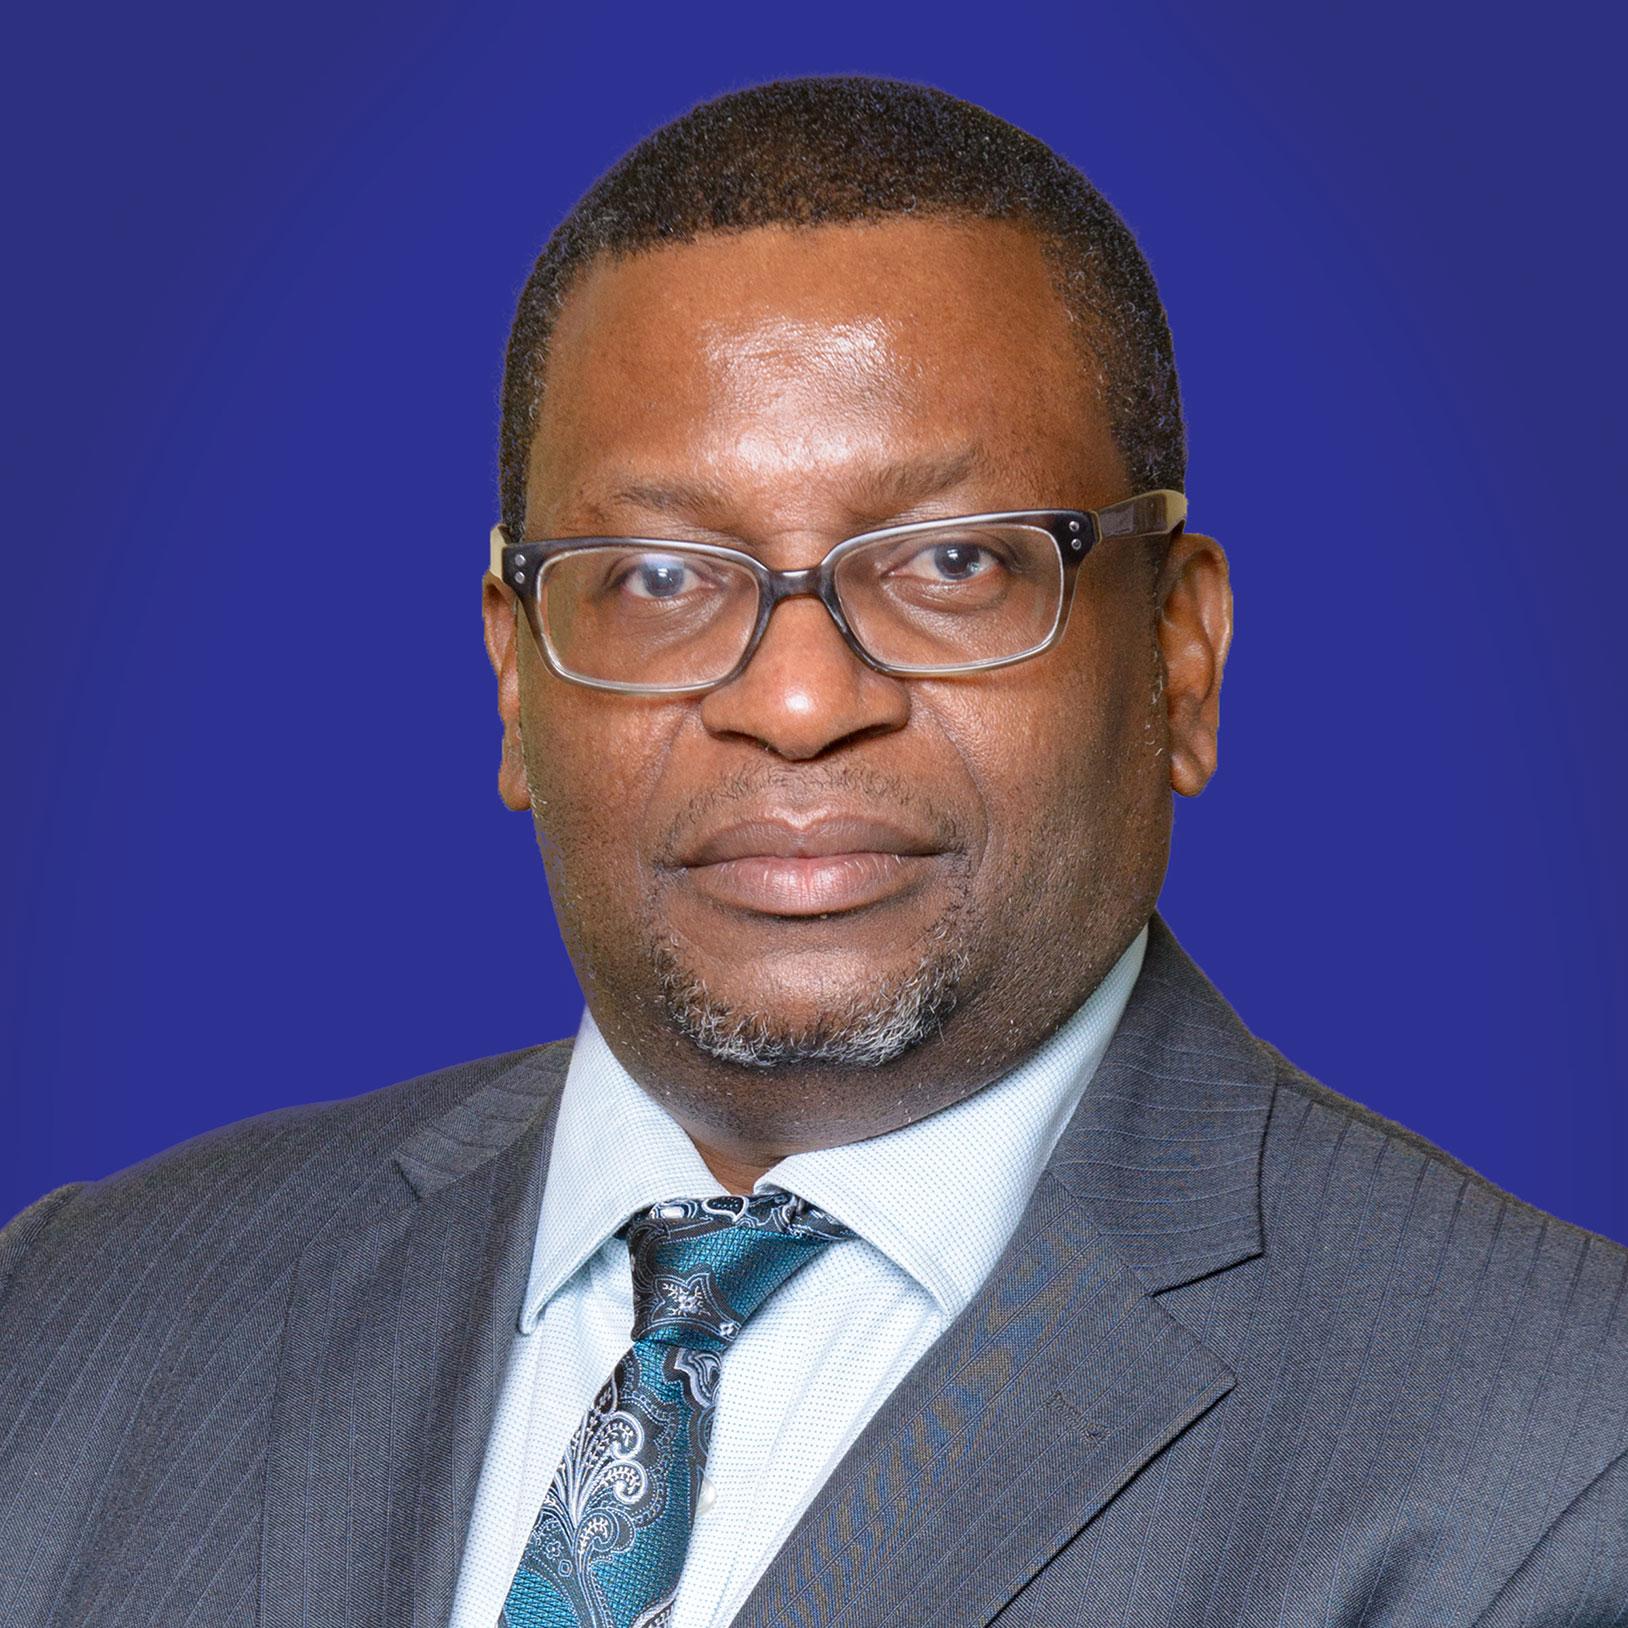 Abdillahi K. Mutwafy,